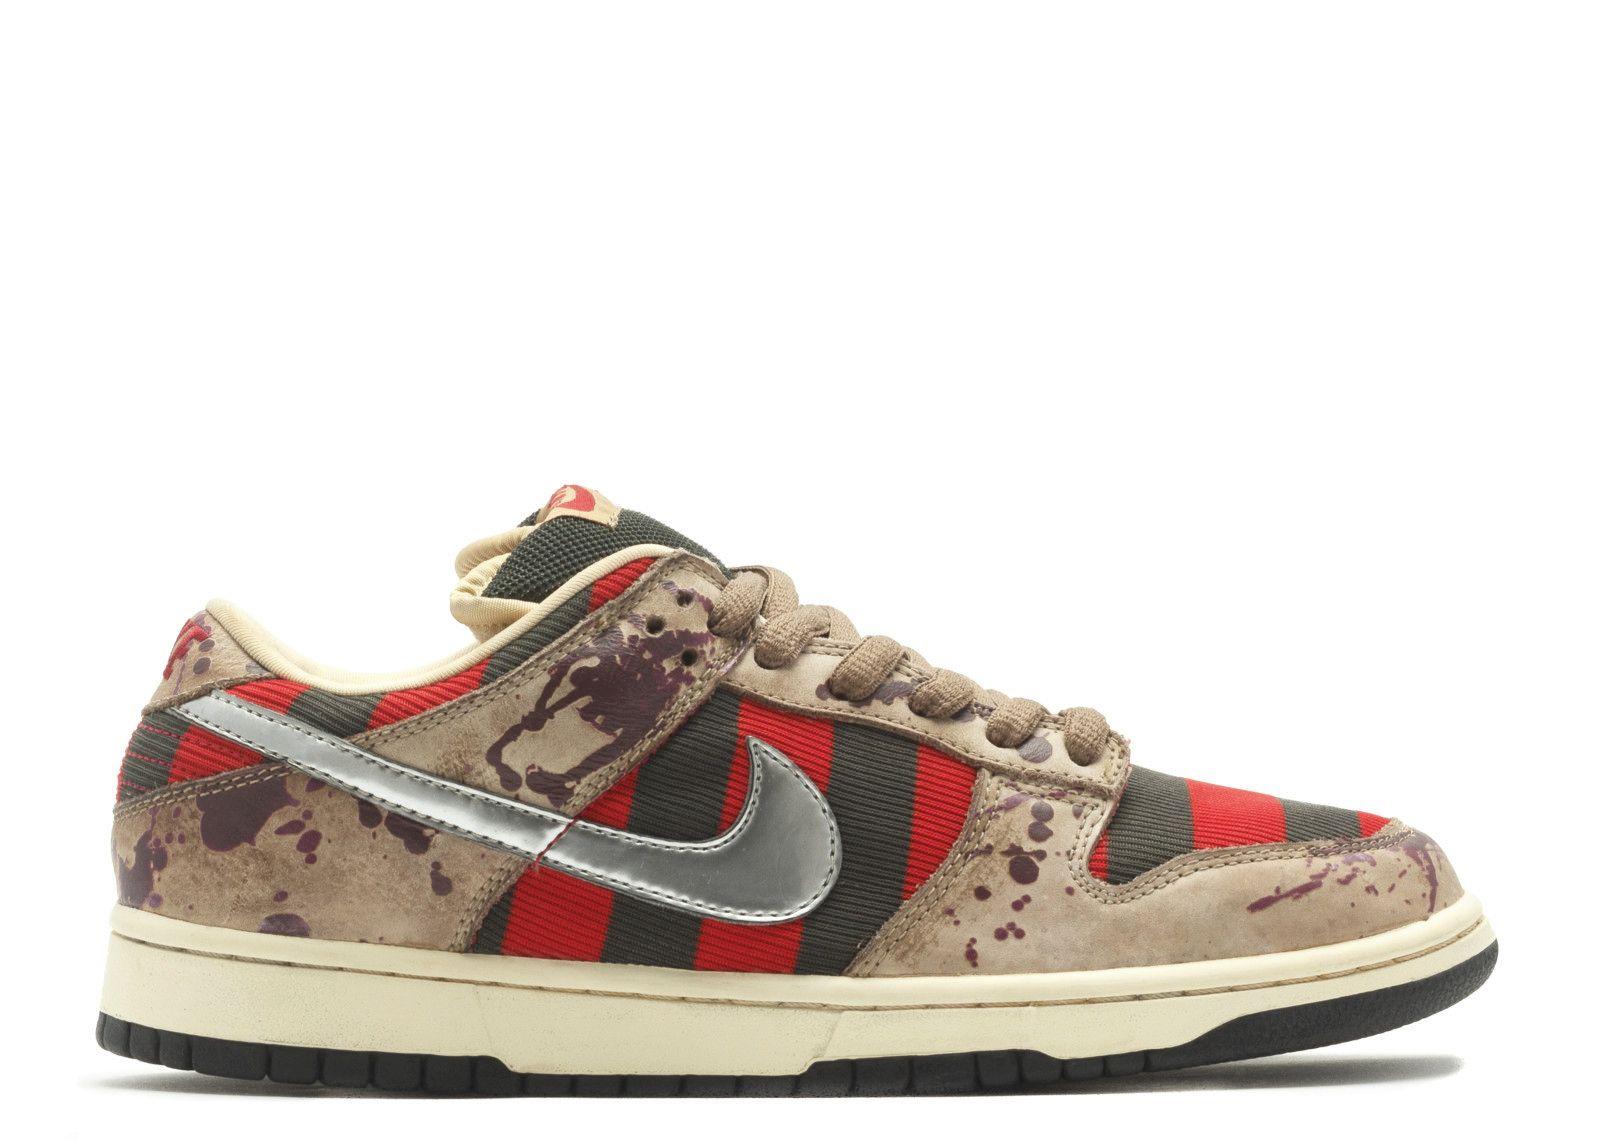 Nike SB Dunk freddy krueger фредди крюгер 01 mcmag